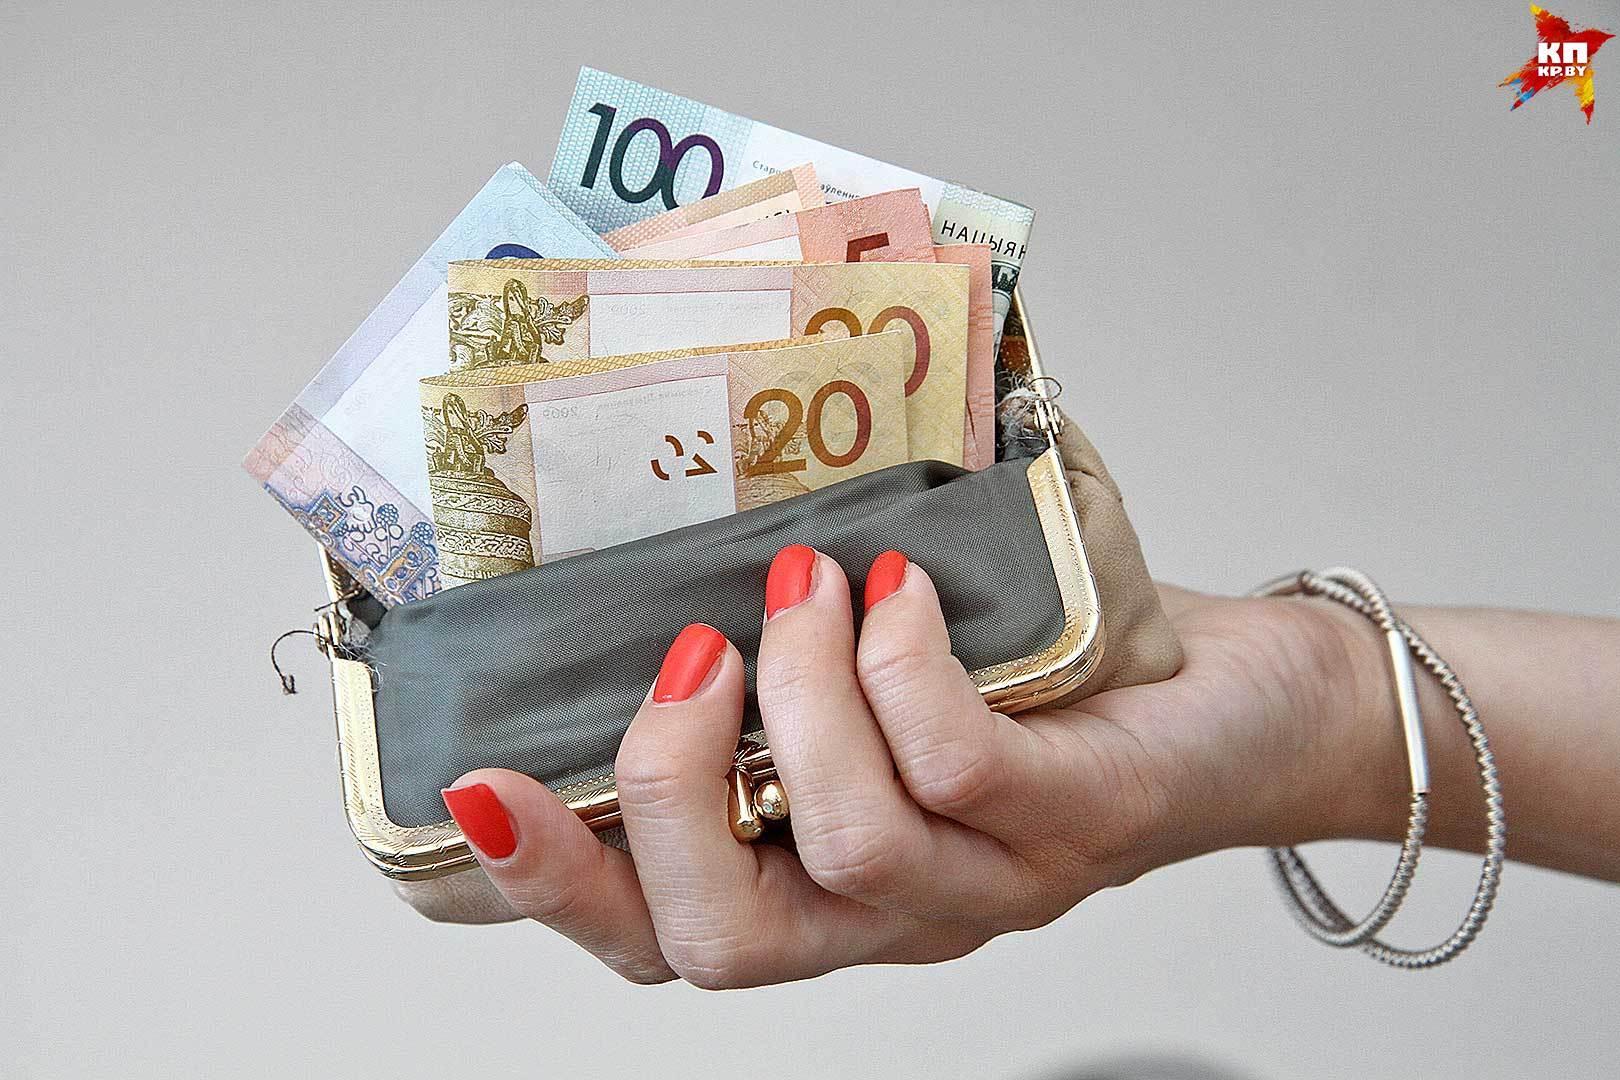 Бывшая сотрудница банка изменила внешность и сняла с чужого счета 120 тысяч долларов.